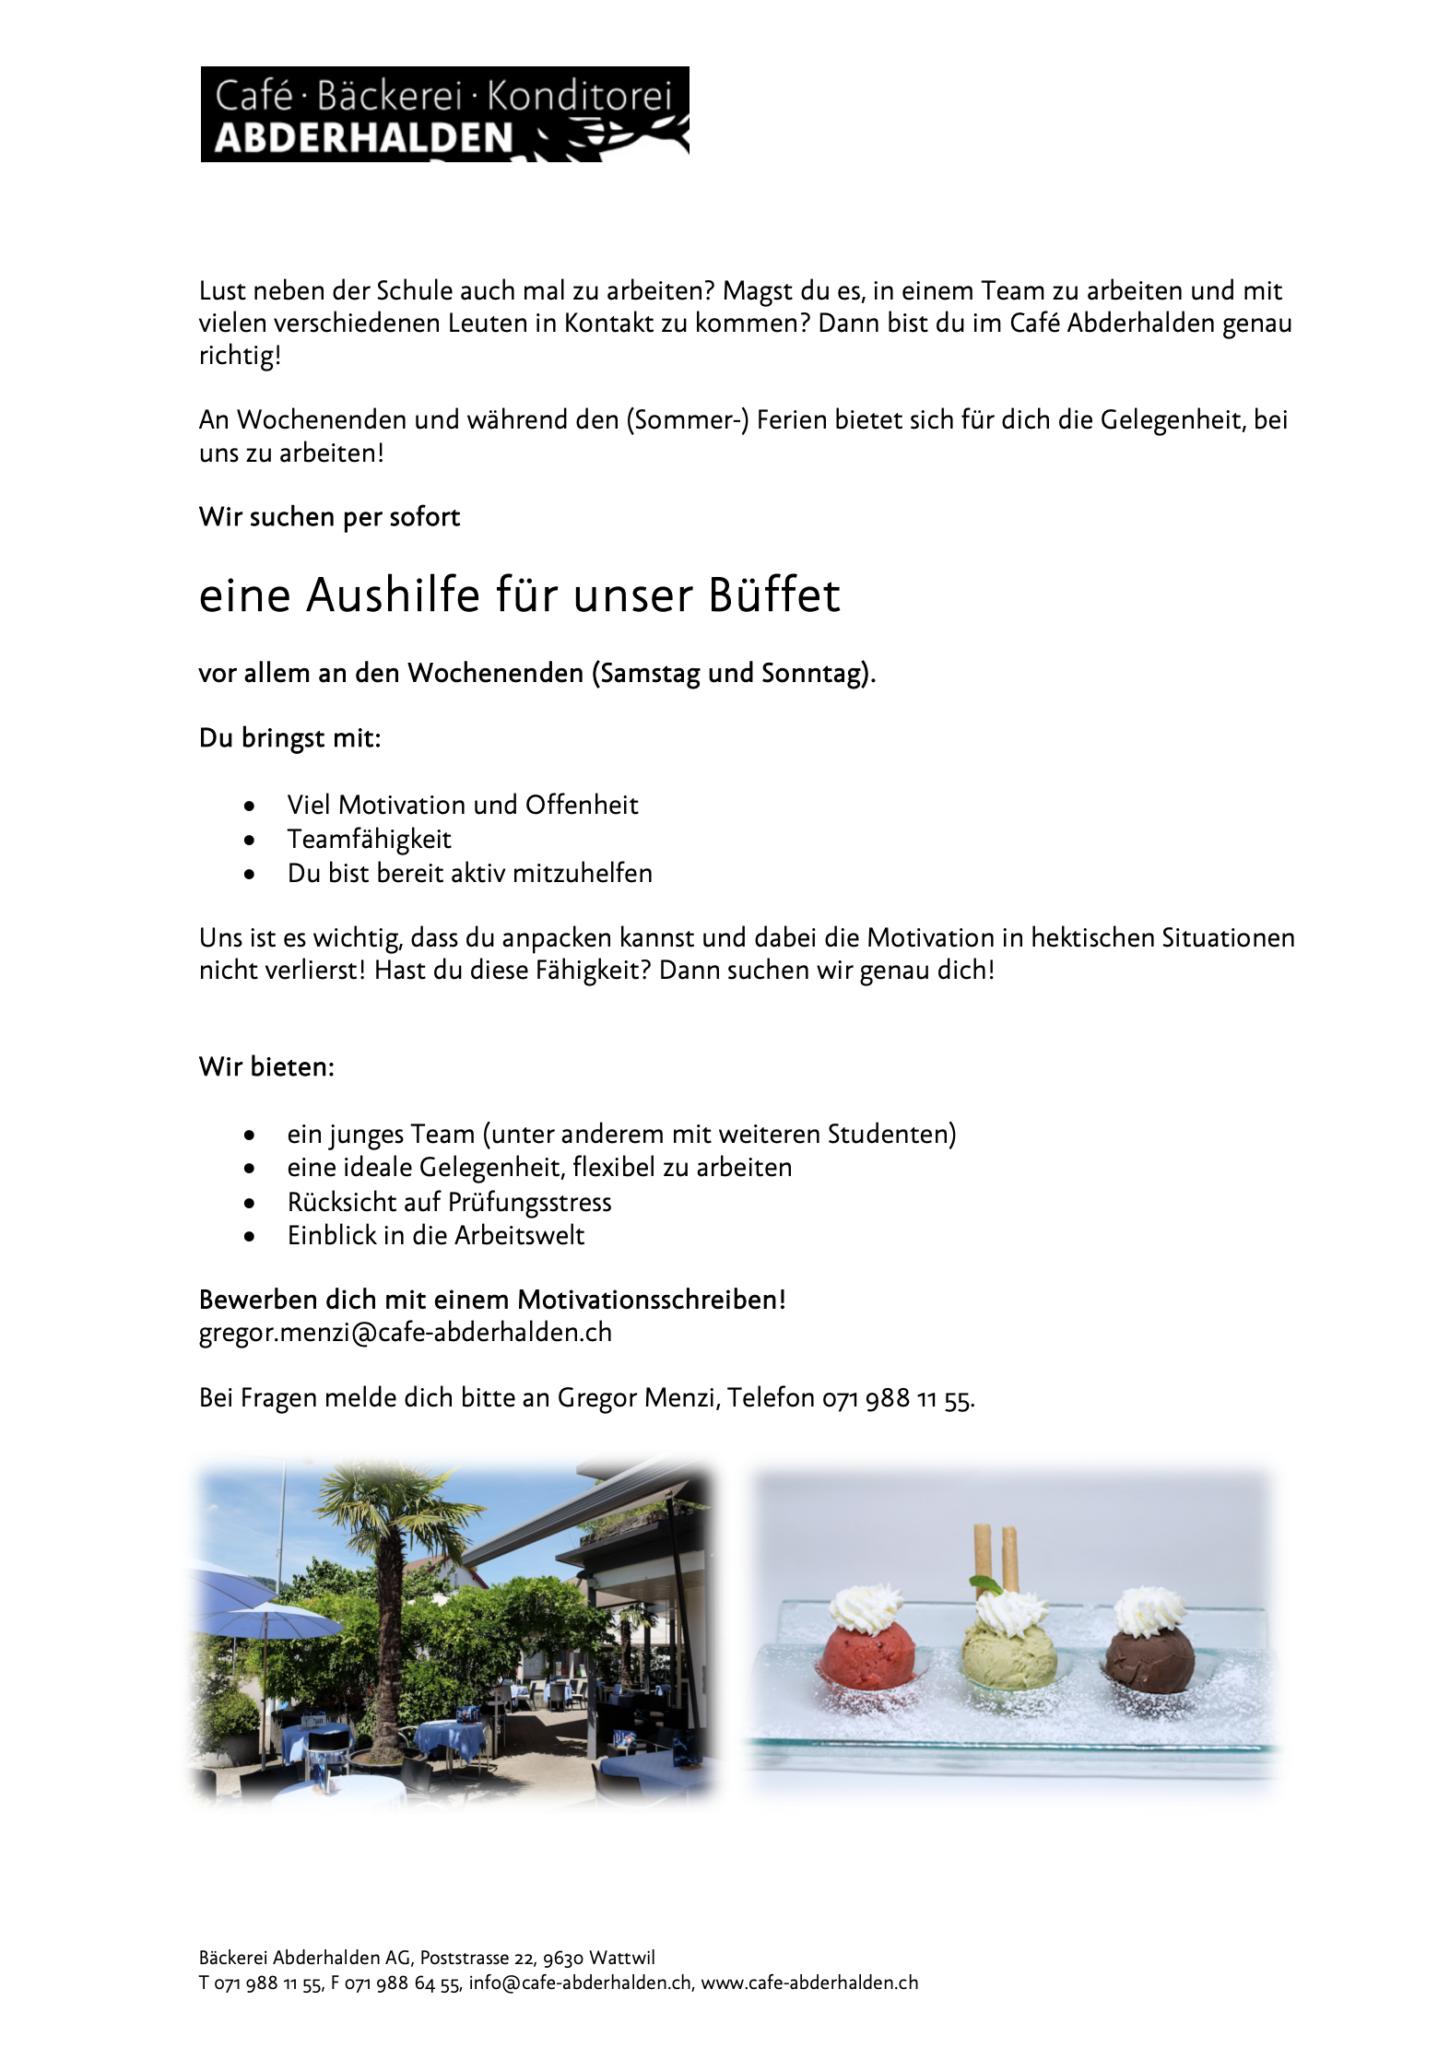 Cafe Abderhalden Stellenanzeige Aushilfe Buffet